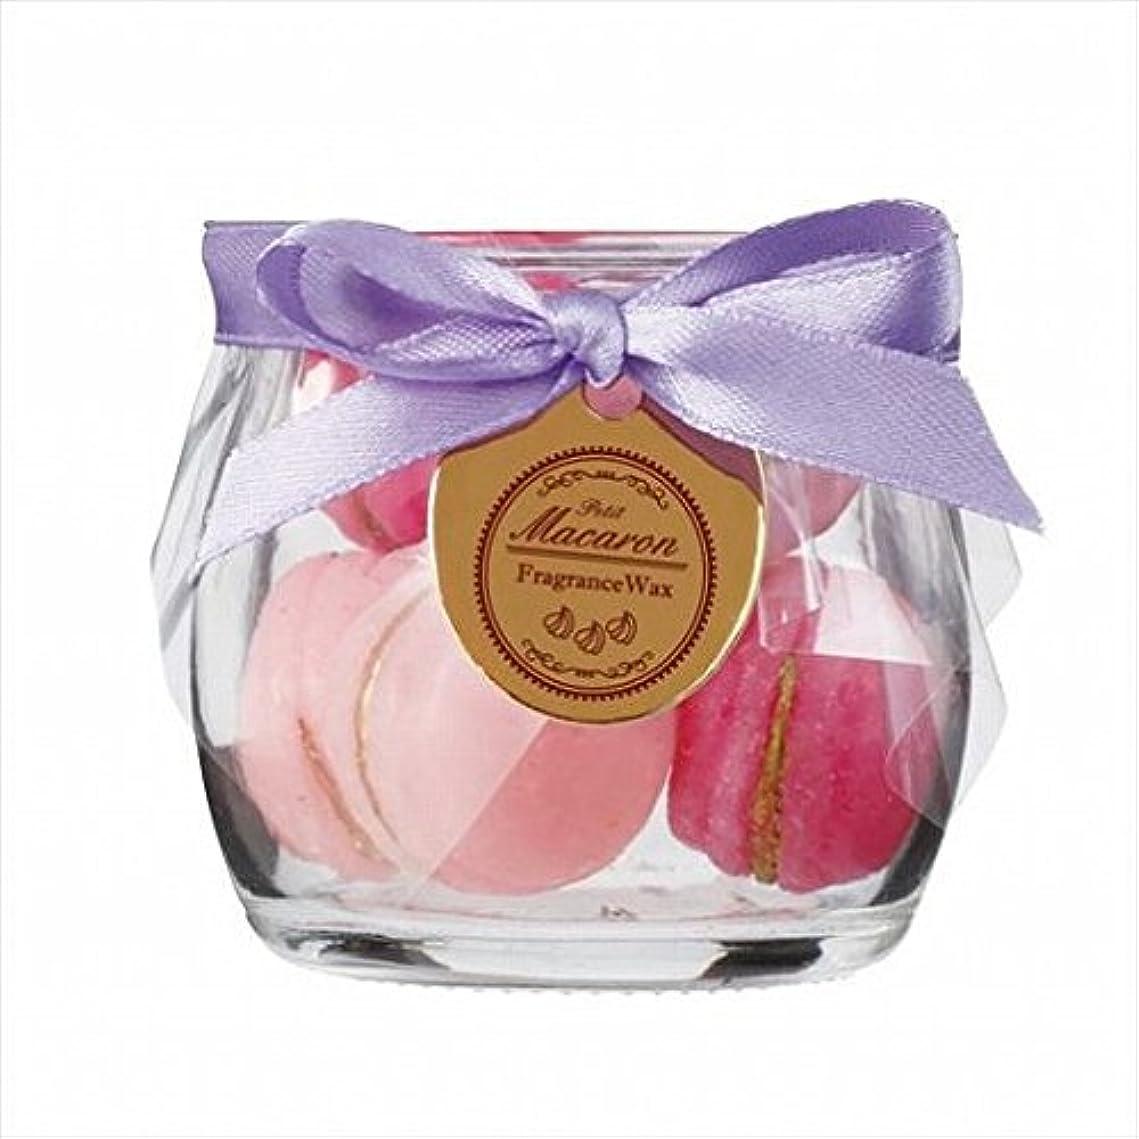 毎月判読できない偏見sweets candle(スイーツキャンドル) プチマカロンフレグランス 「 バニラ 」 キャンドル 60x60x56mm (A3160550)